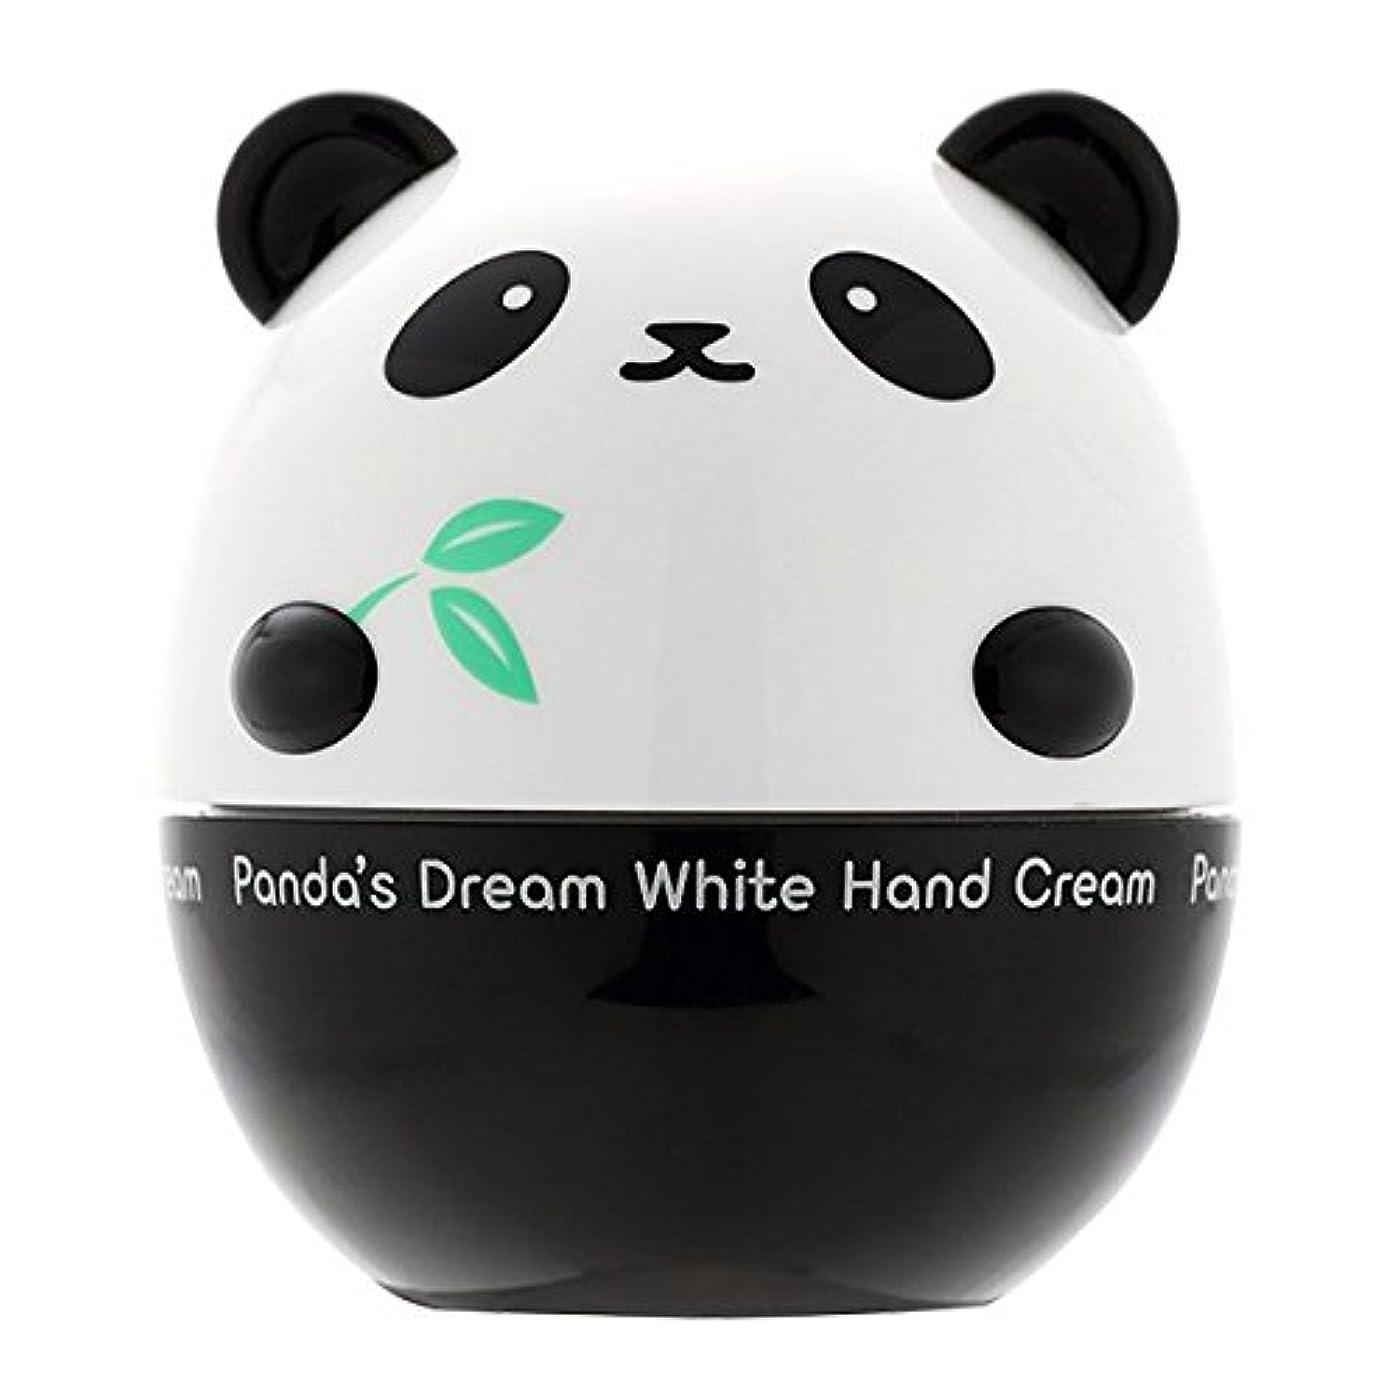 会員日付付き正確にTONYMOLY パンダのゆめ ホワイトマジッククリーム 50g Panda's Dream White Magic Cream 照明クリームトニーモリー下地の代わりに美肌クリーム美肌成分含有 【韓国コスメ】トニーモリー